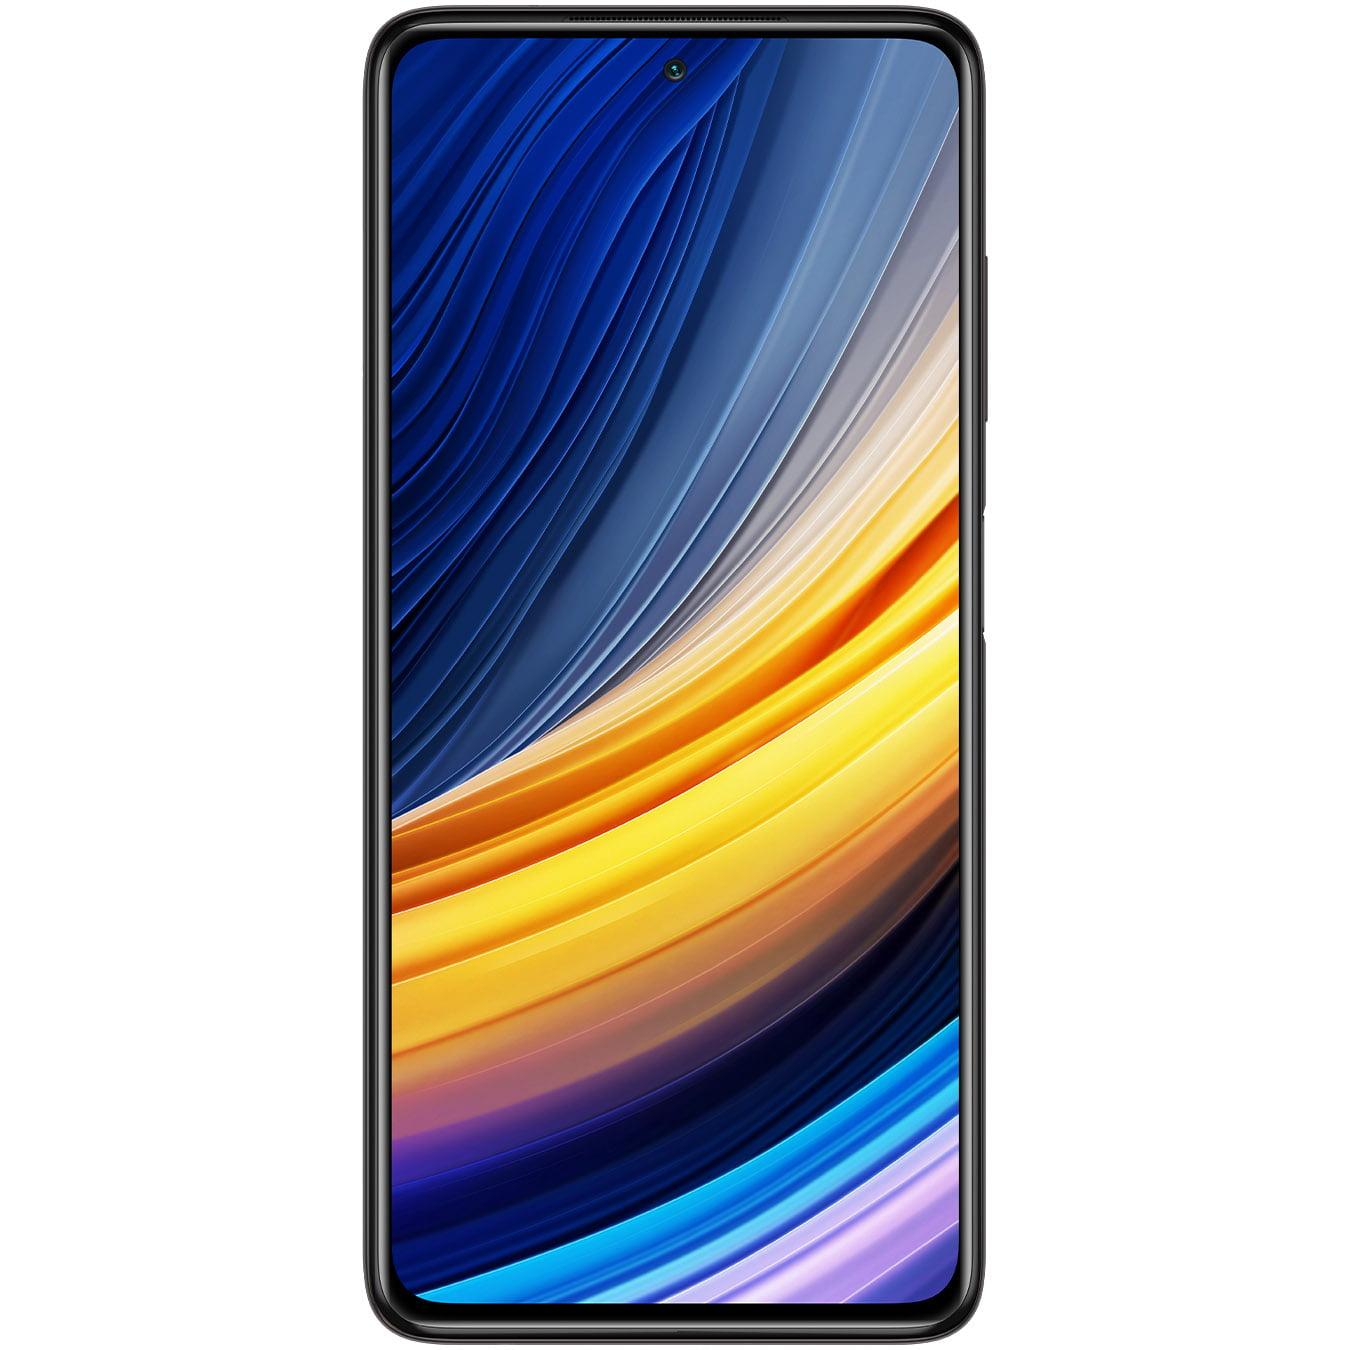 Telefon mobil Xiaomi Poco X3 Pro, Dual SIM, 128GB, 6GB RAM, 4G, Phantom Black